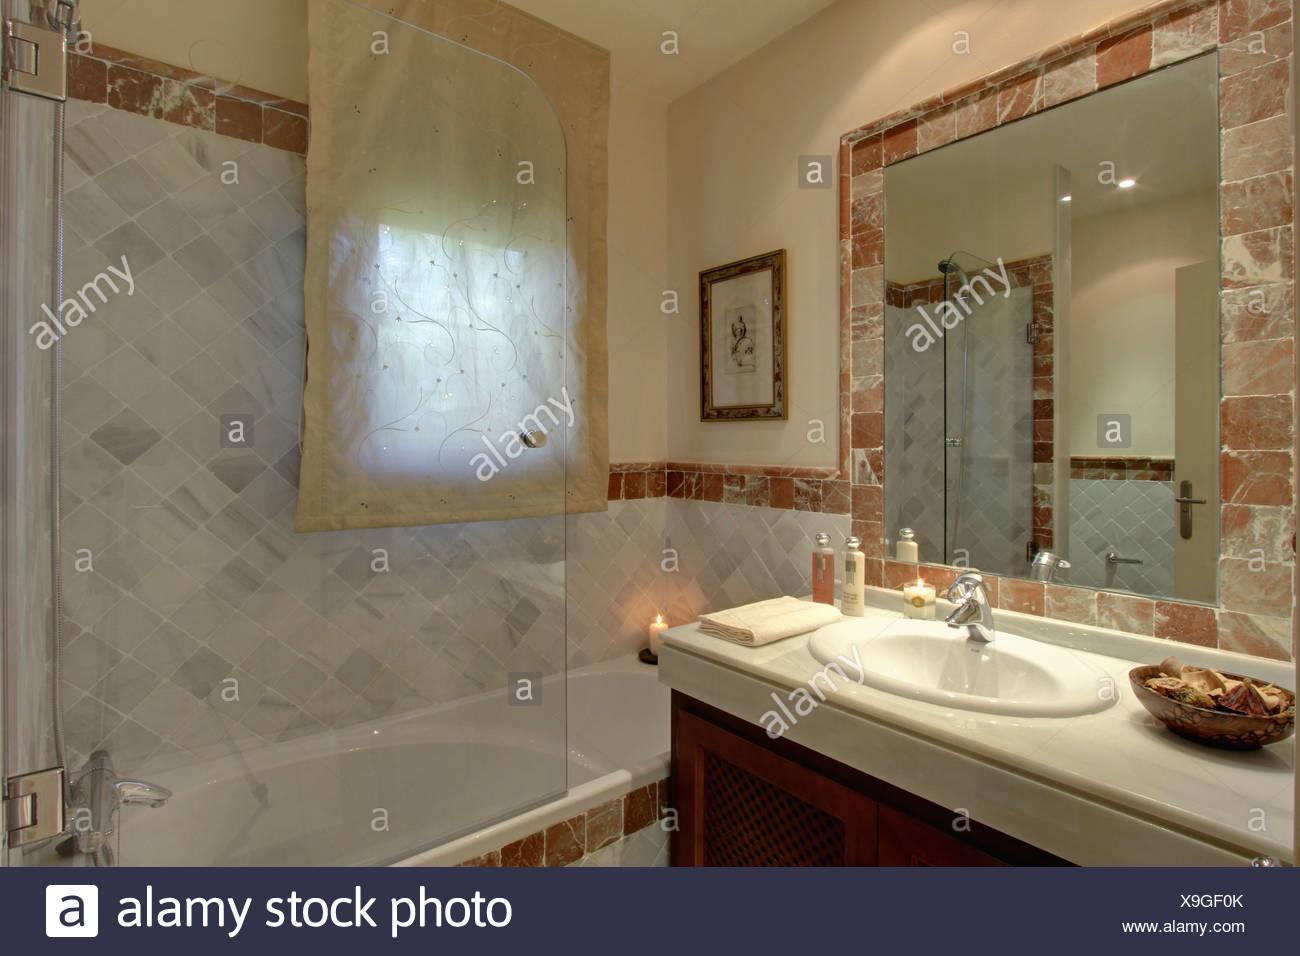 Finestra interna per bagno cieco cool doccia con finestra soluzioni per il tuo bagno with - Finestra interna per bagno cieco ...